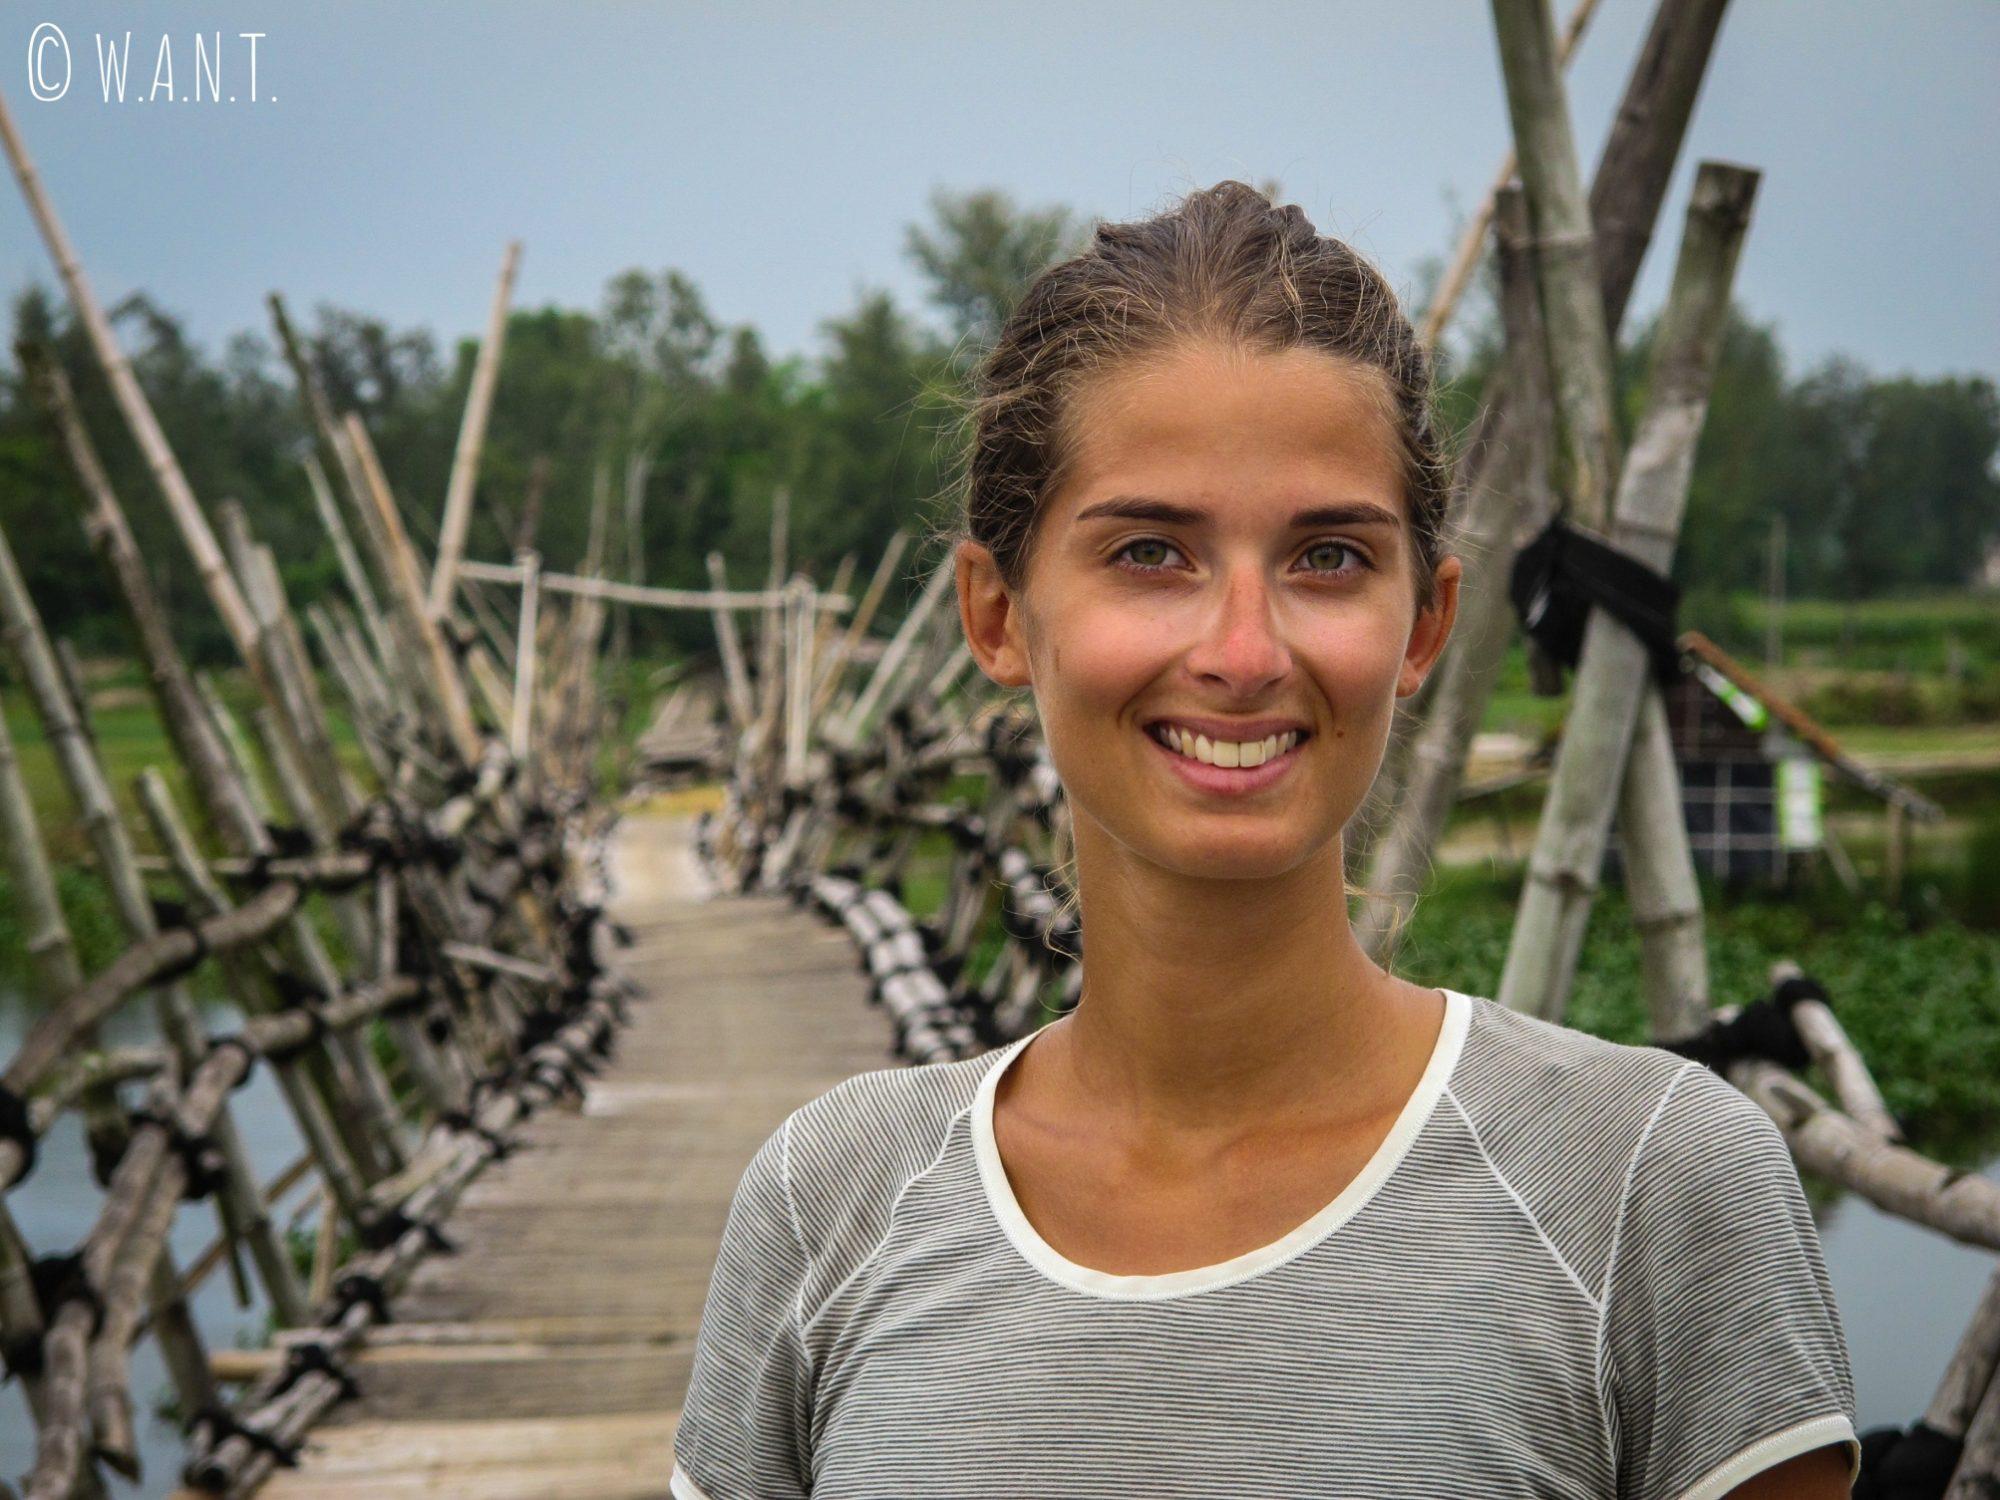 Marion sur un pont de bambou dans la région d'Hoi An